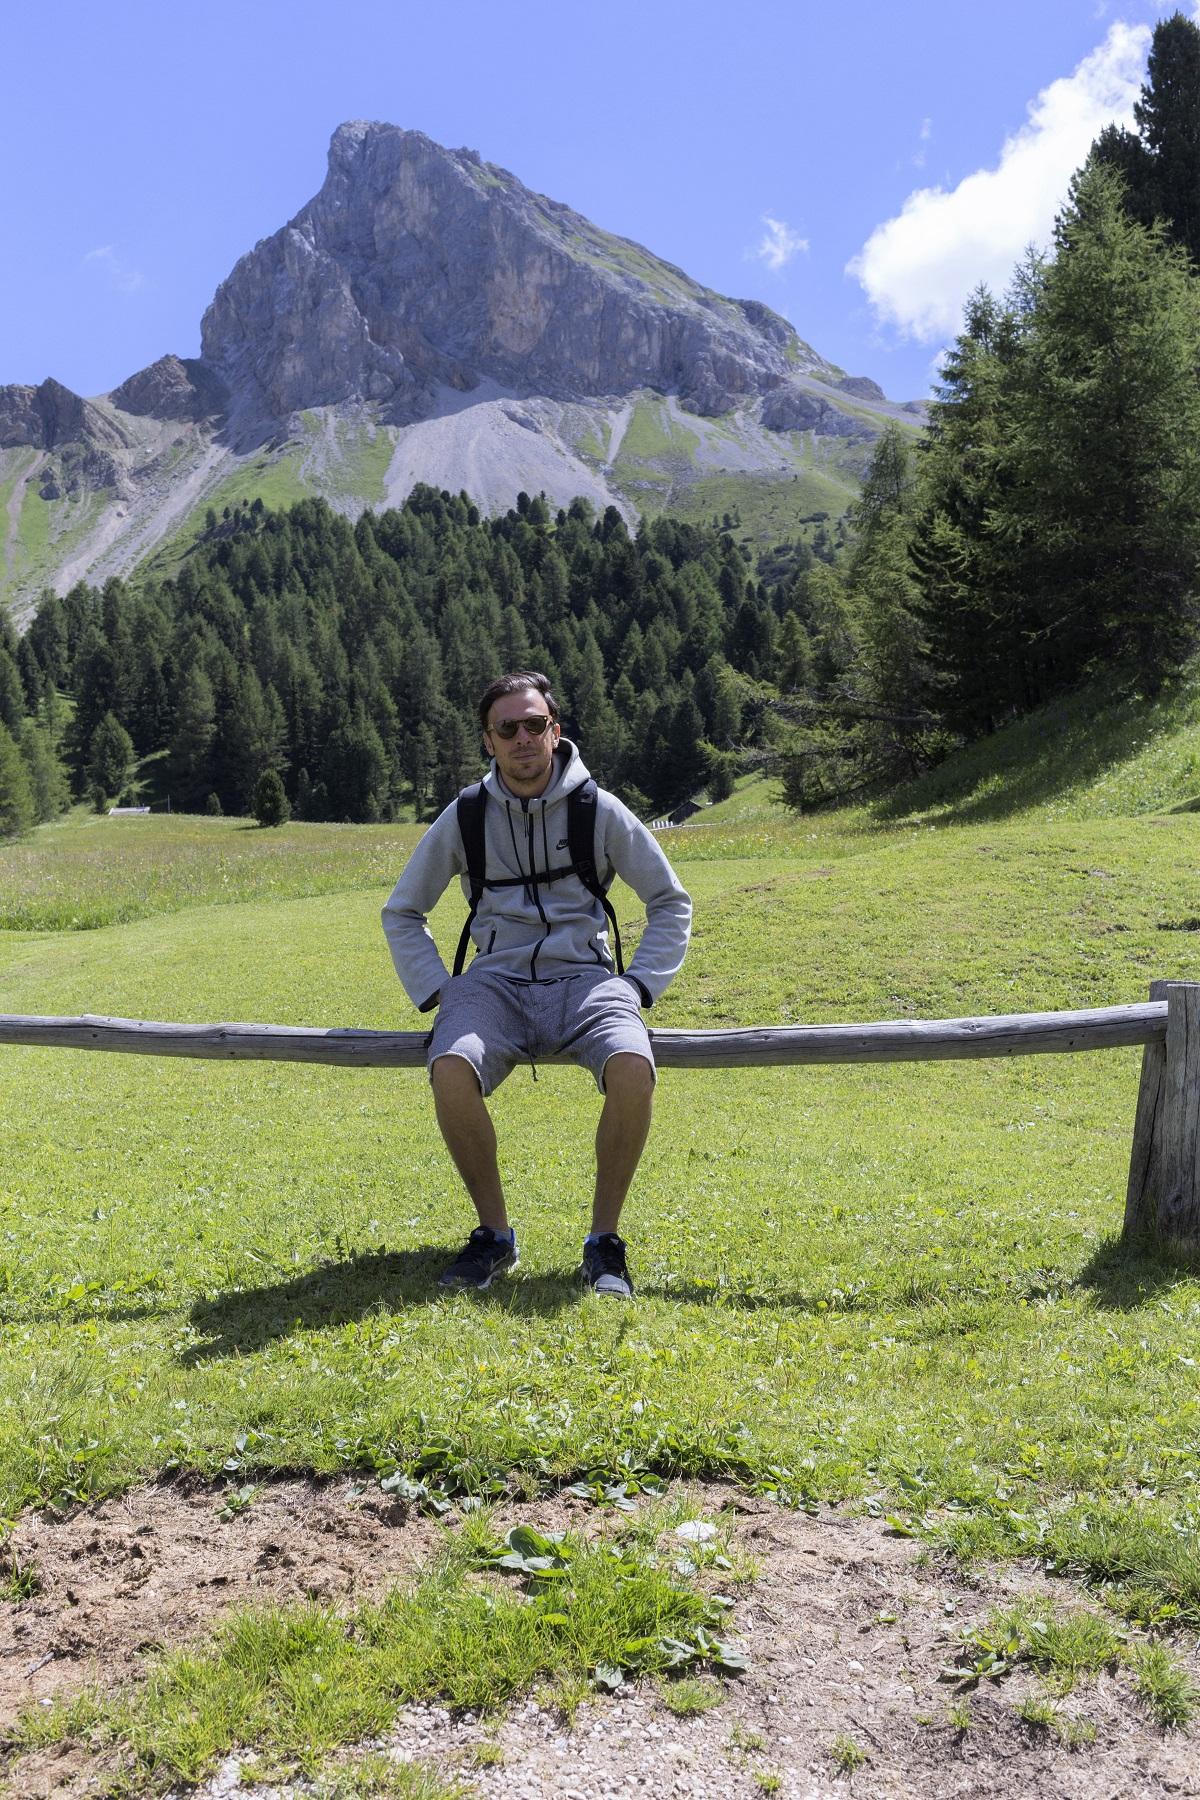 Vacanze estive a Vigo di Fassa: cosa vedere, dove dormire e dove mangiare